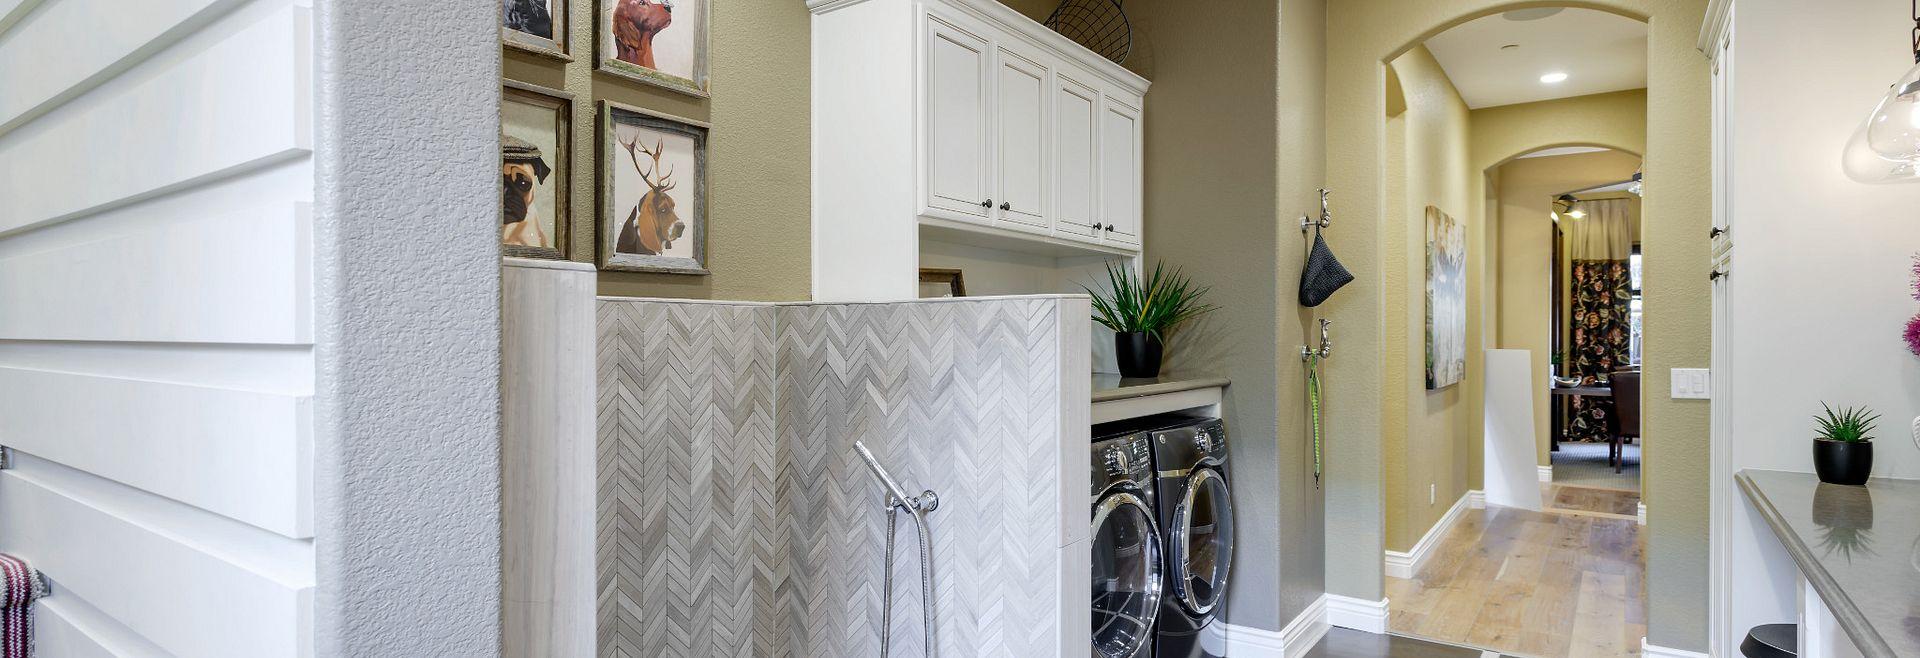 Dog Wash & Laundry Room